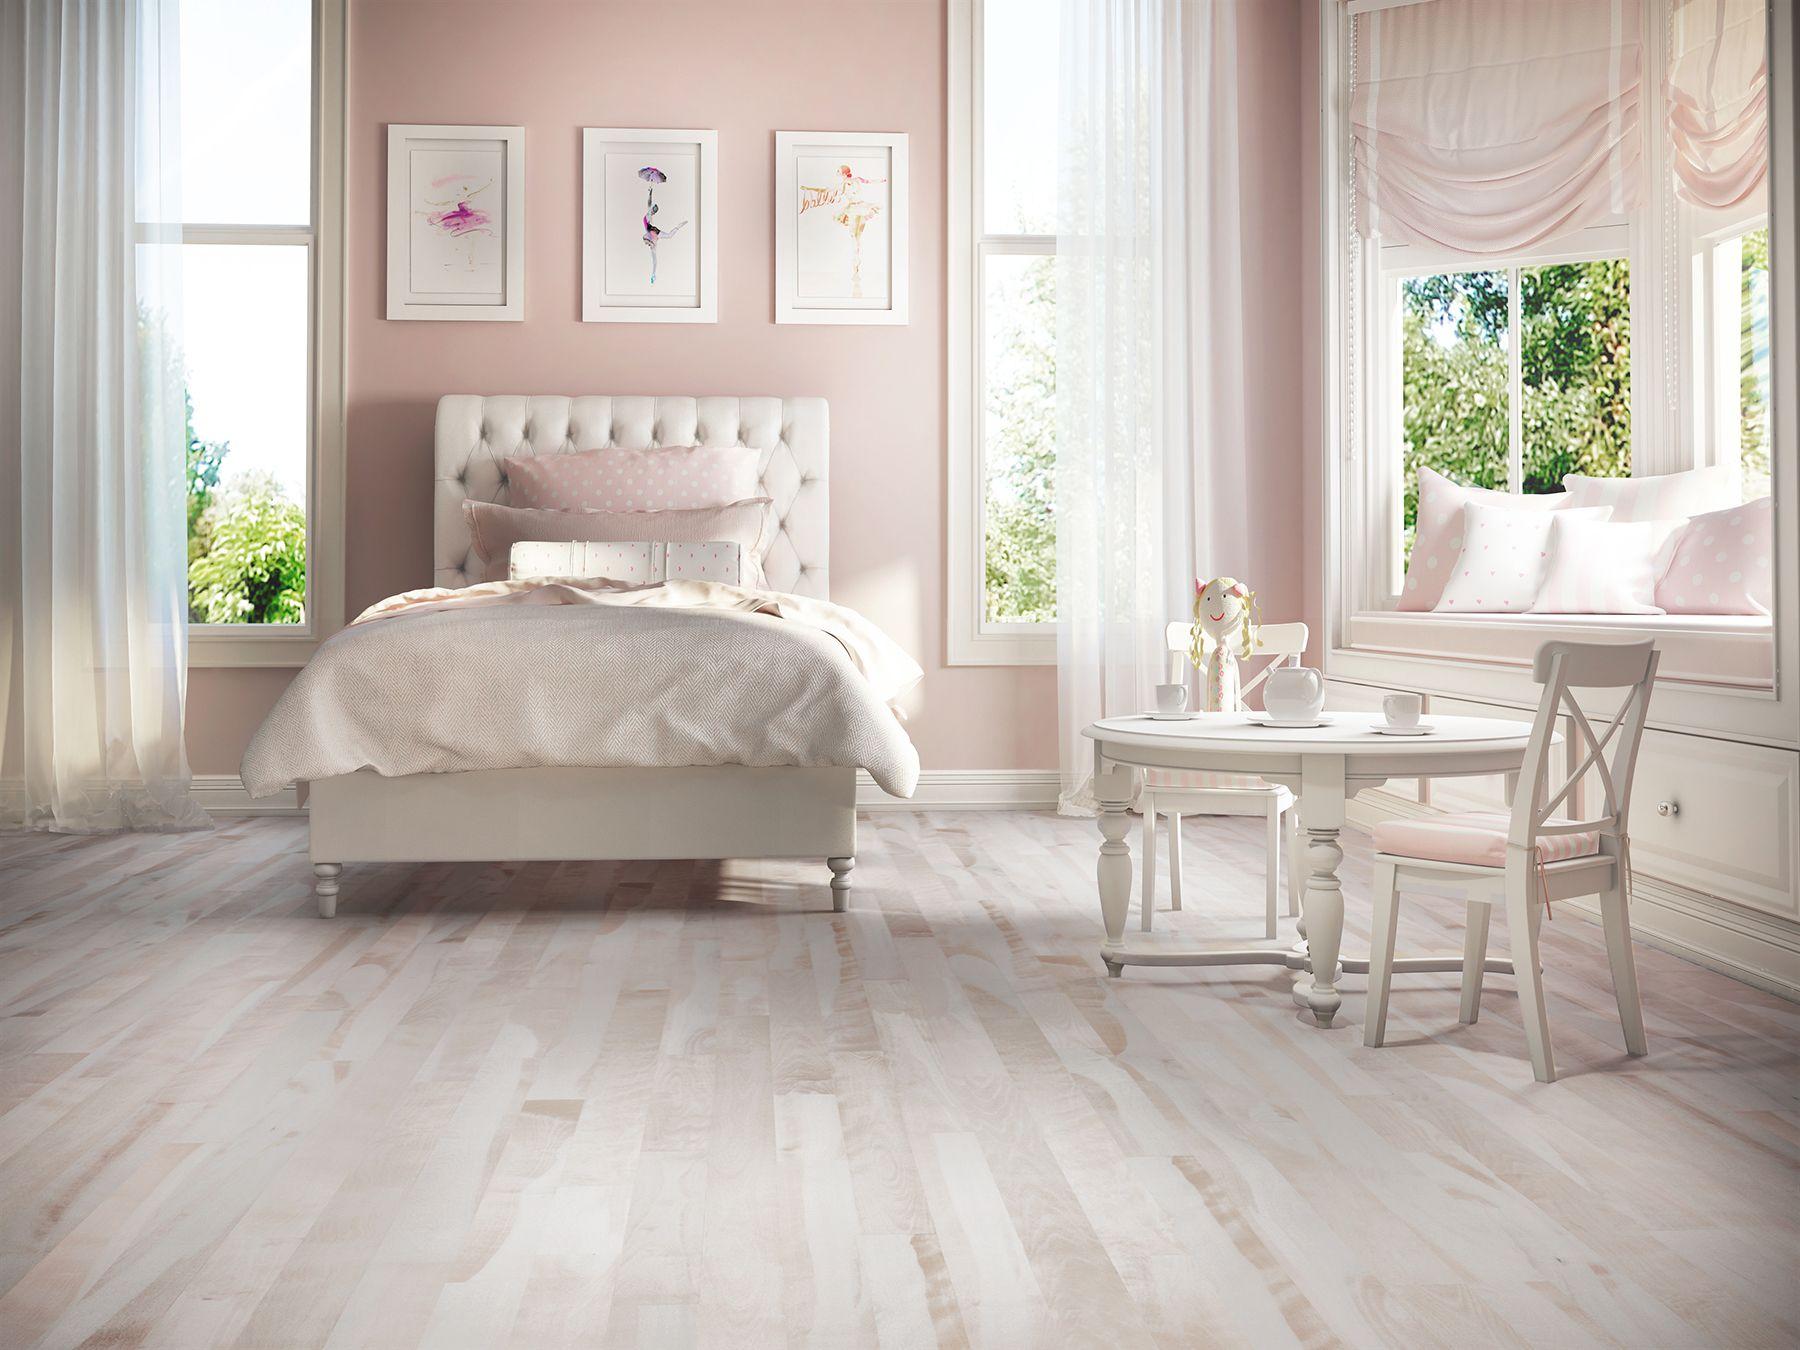 Chambre D Enfant Fille Rose Pale Et Blanche Plancher Bois